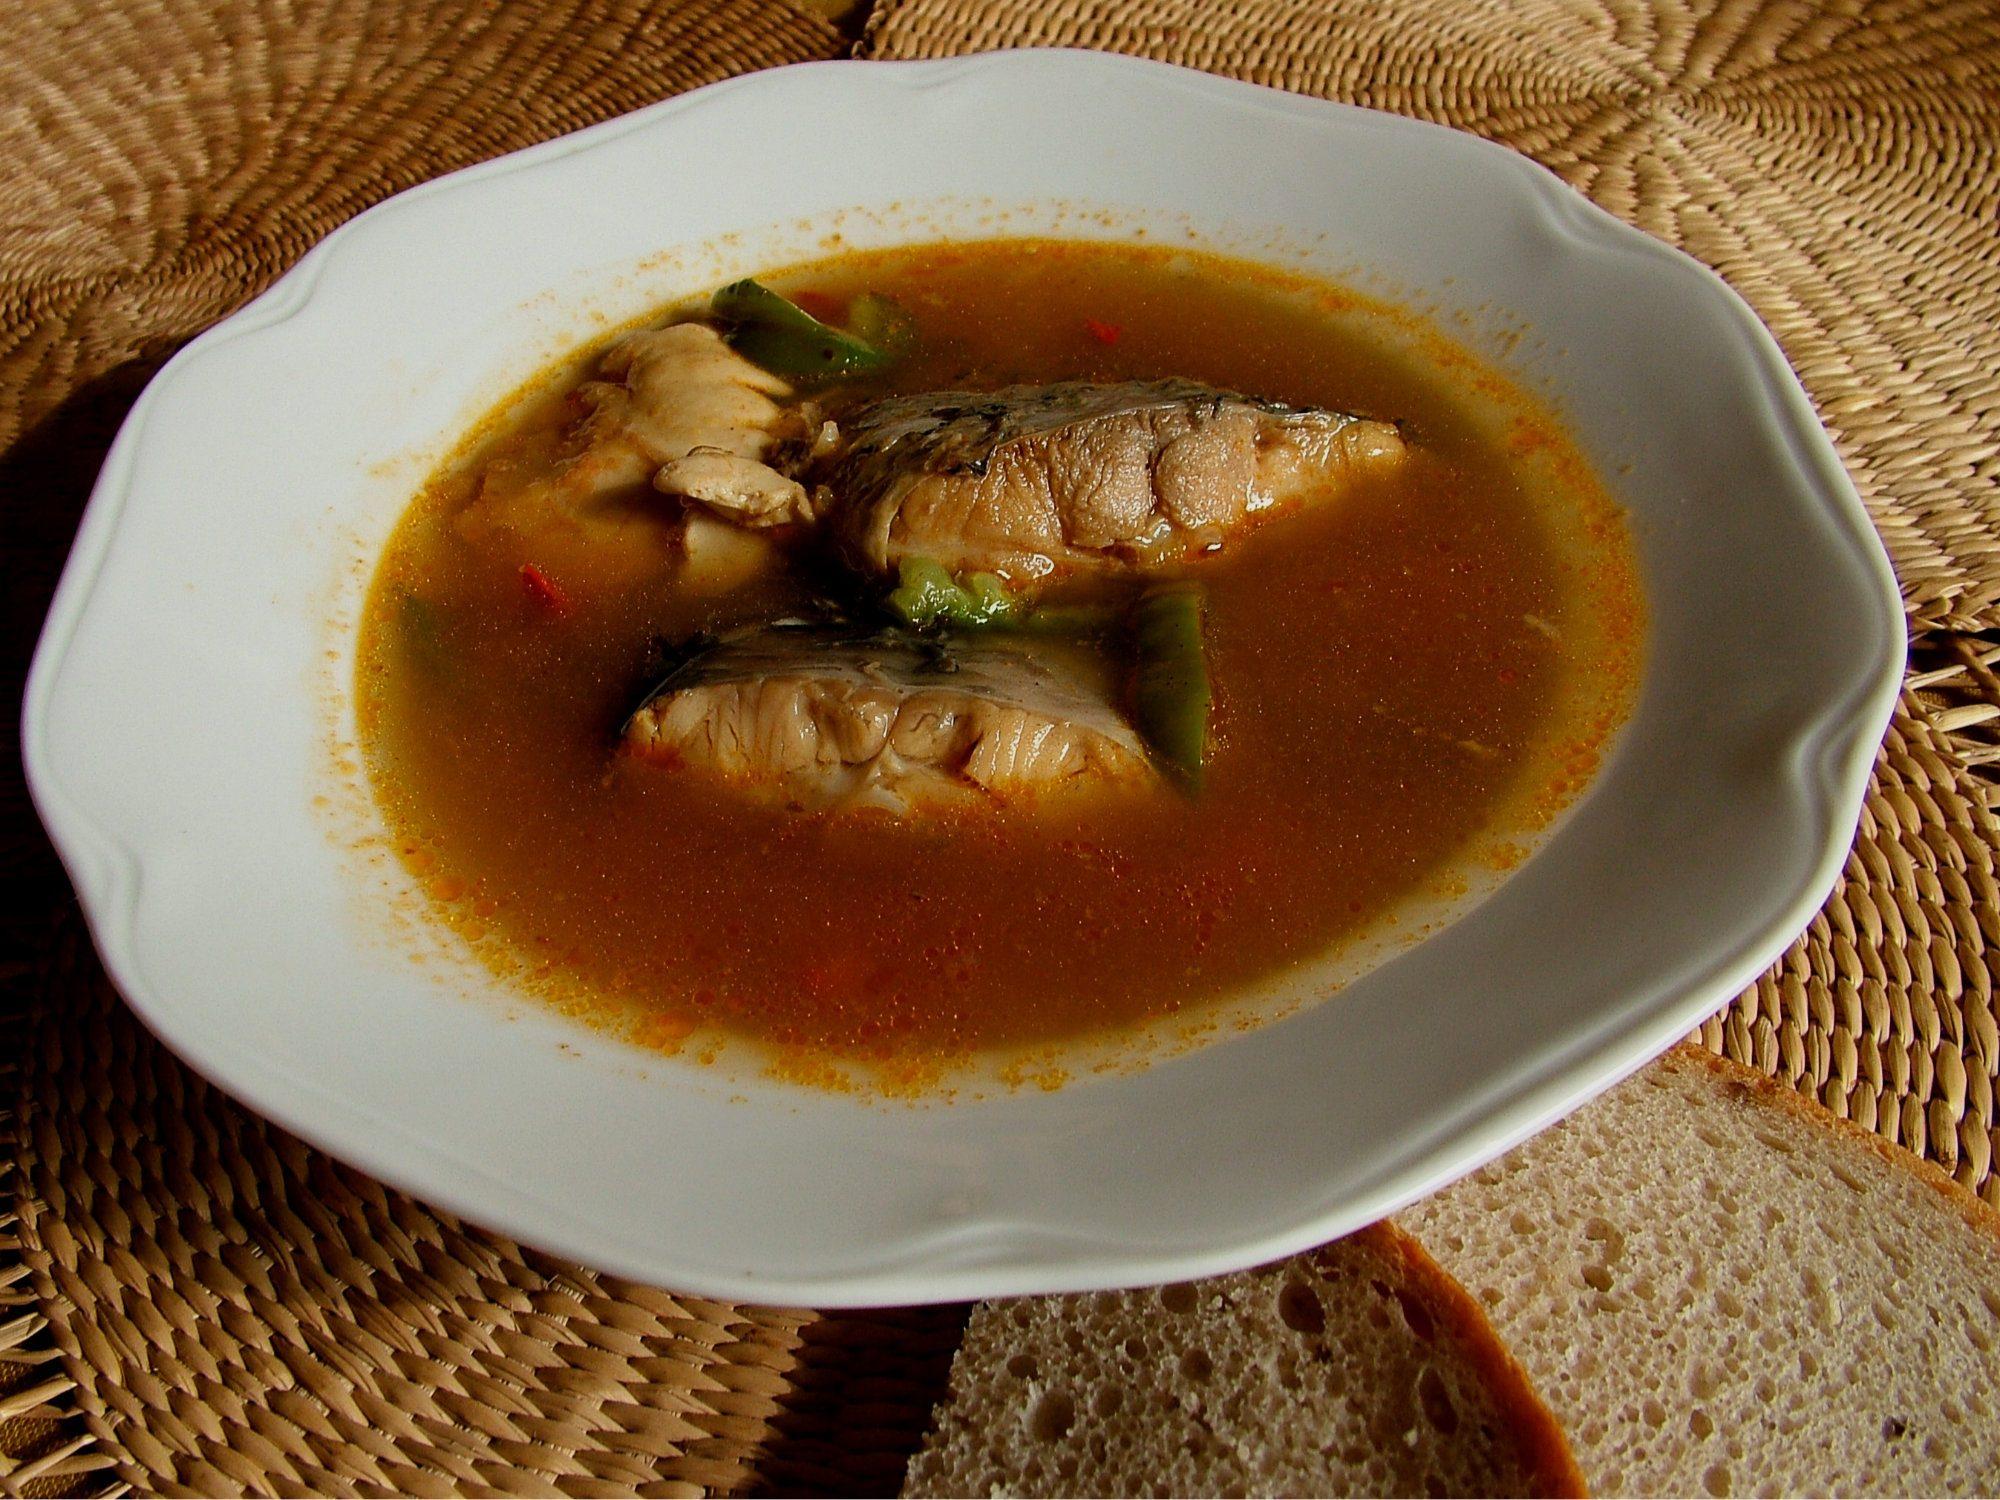 Halászlé - tradičná maďarská rybacia polievka